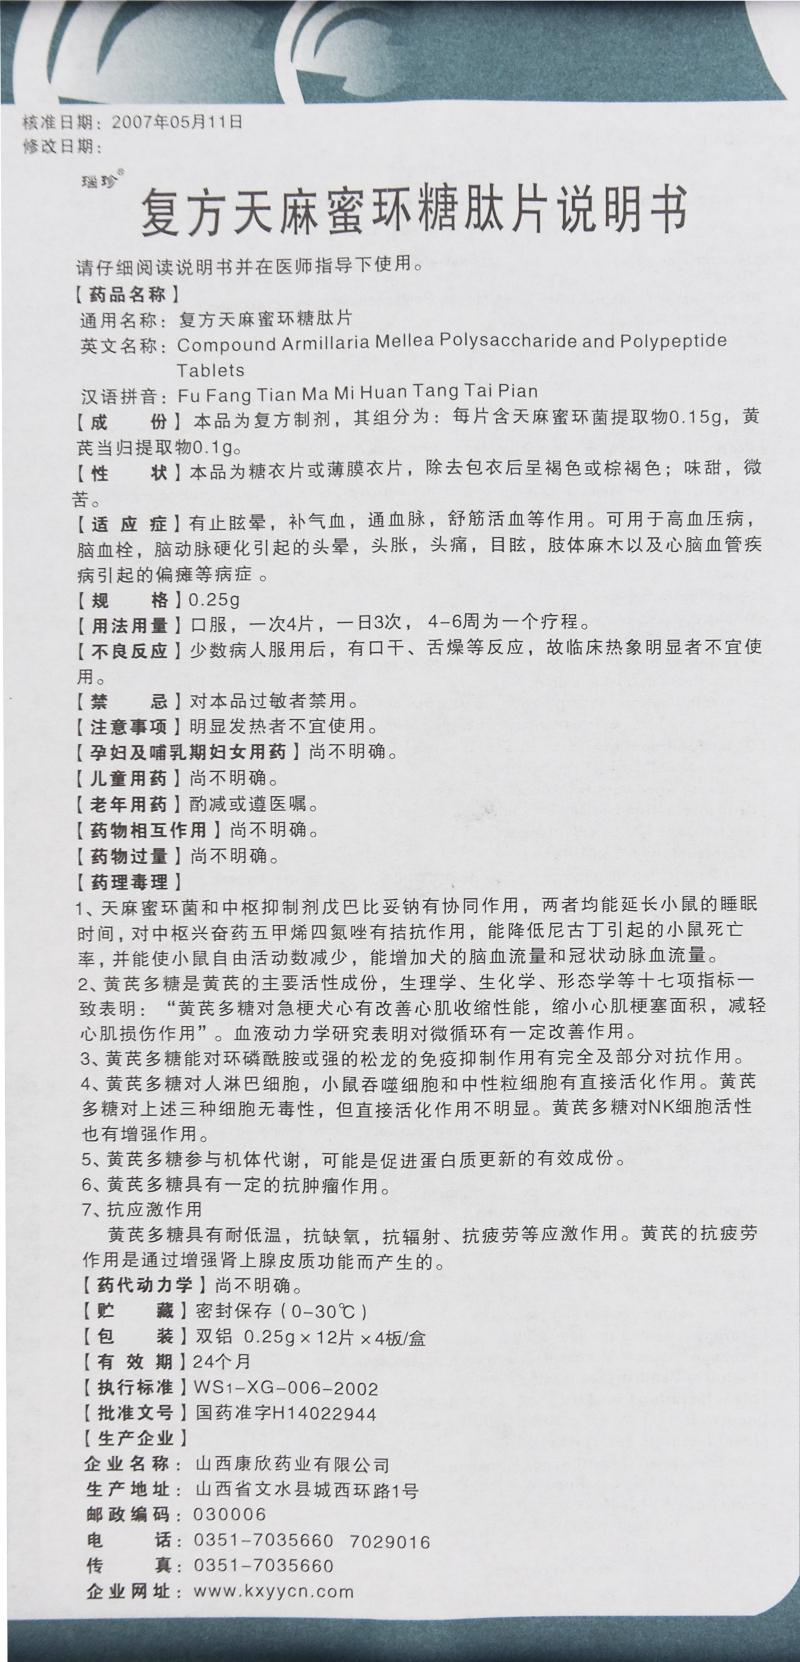 康欣 复方天麻蜜环糖肽.jpg